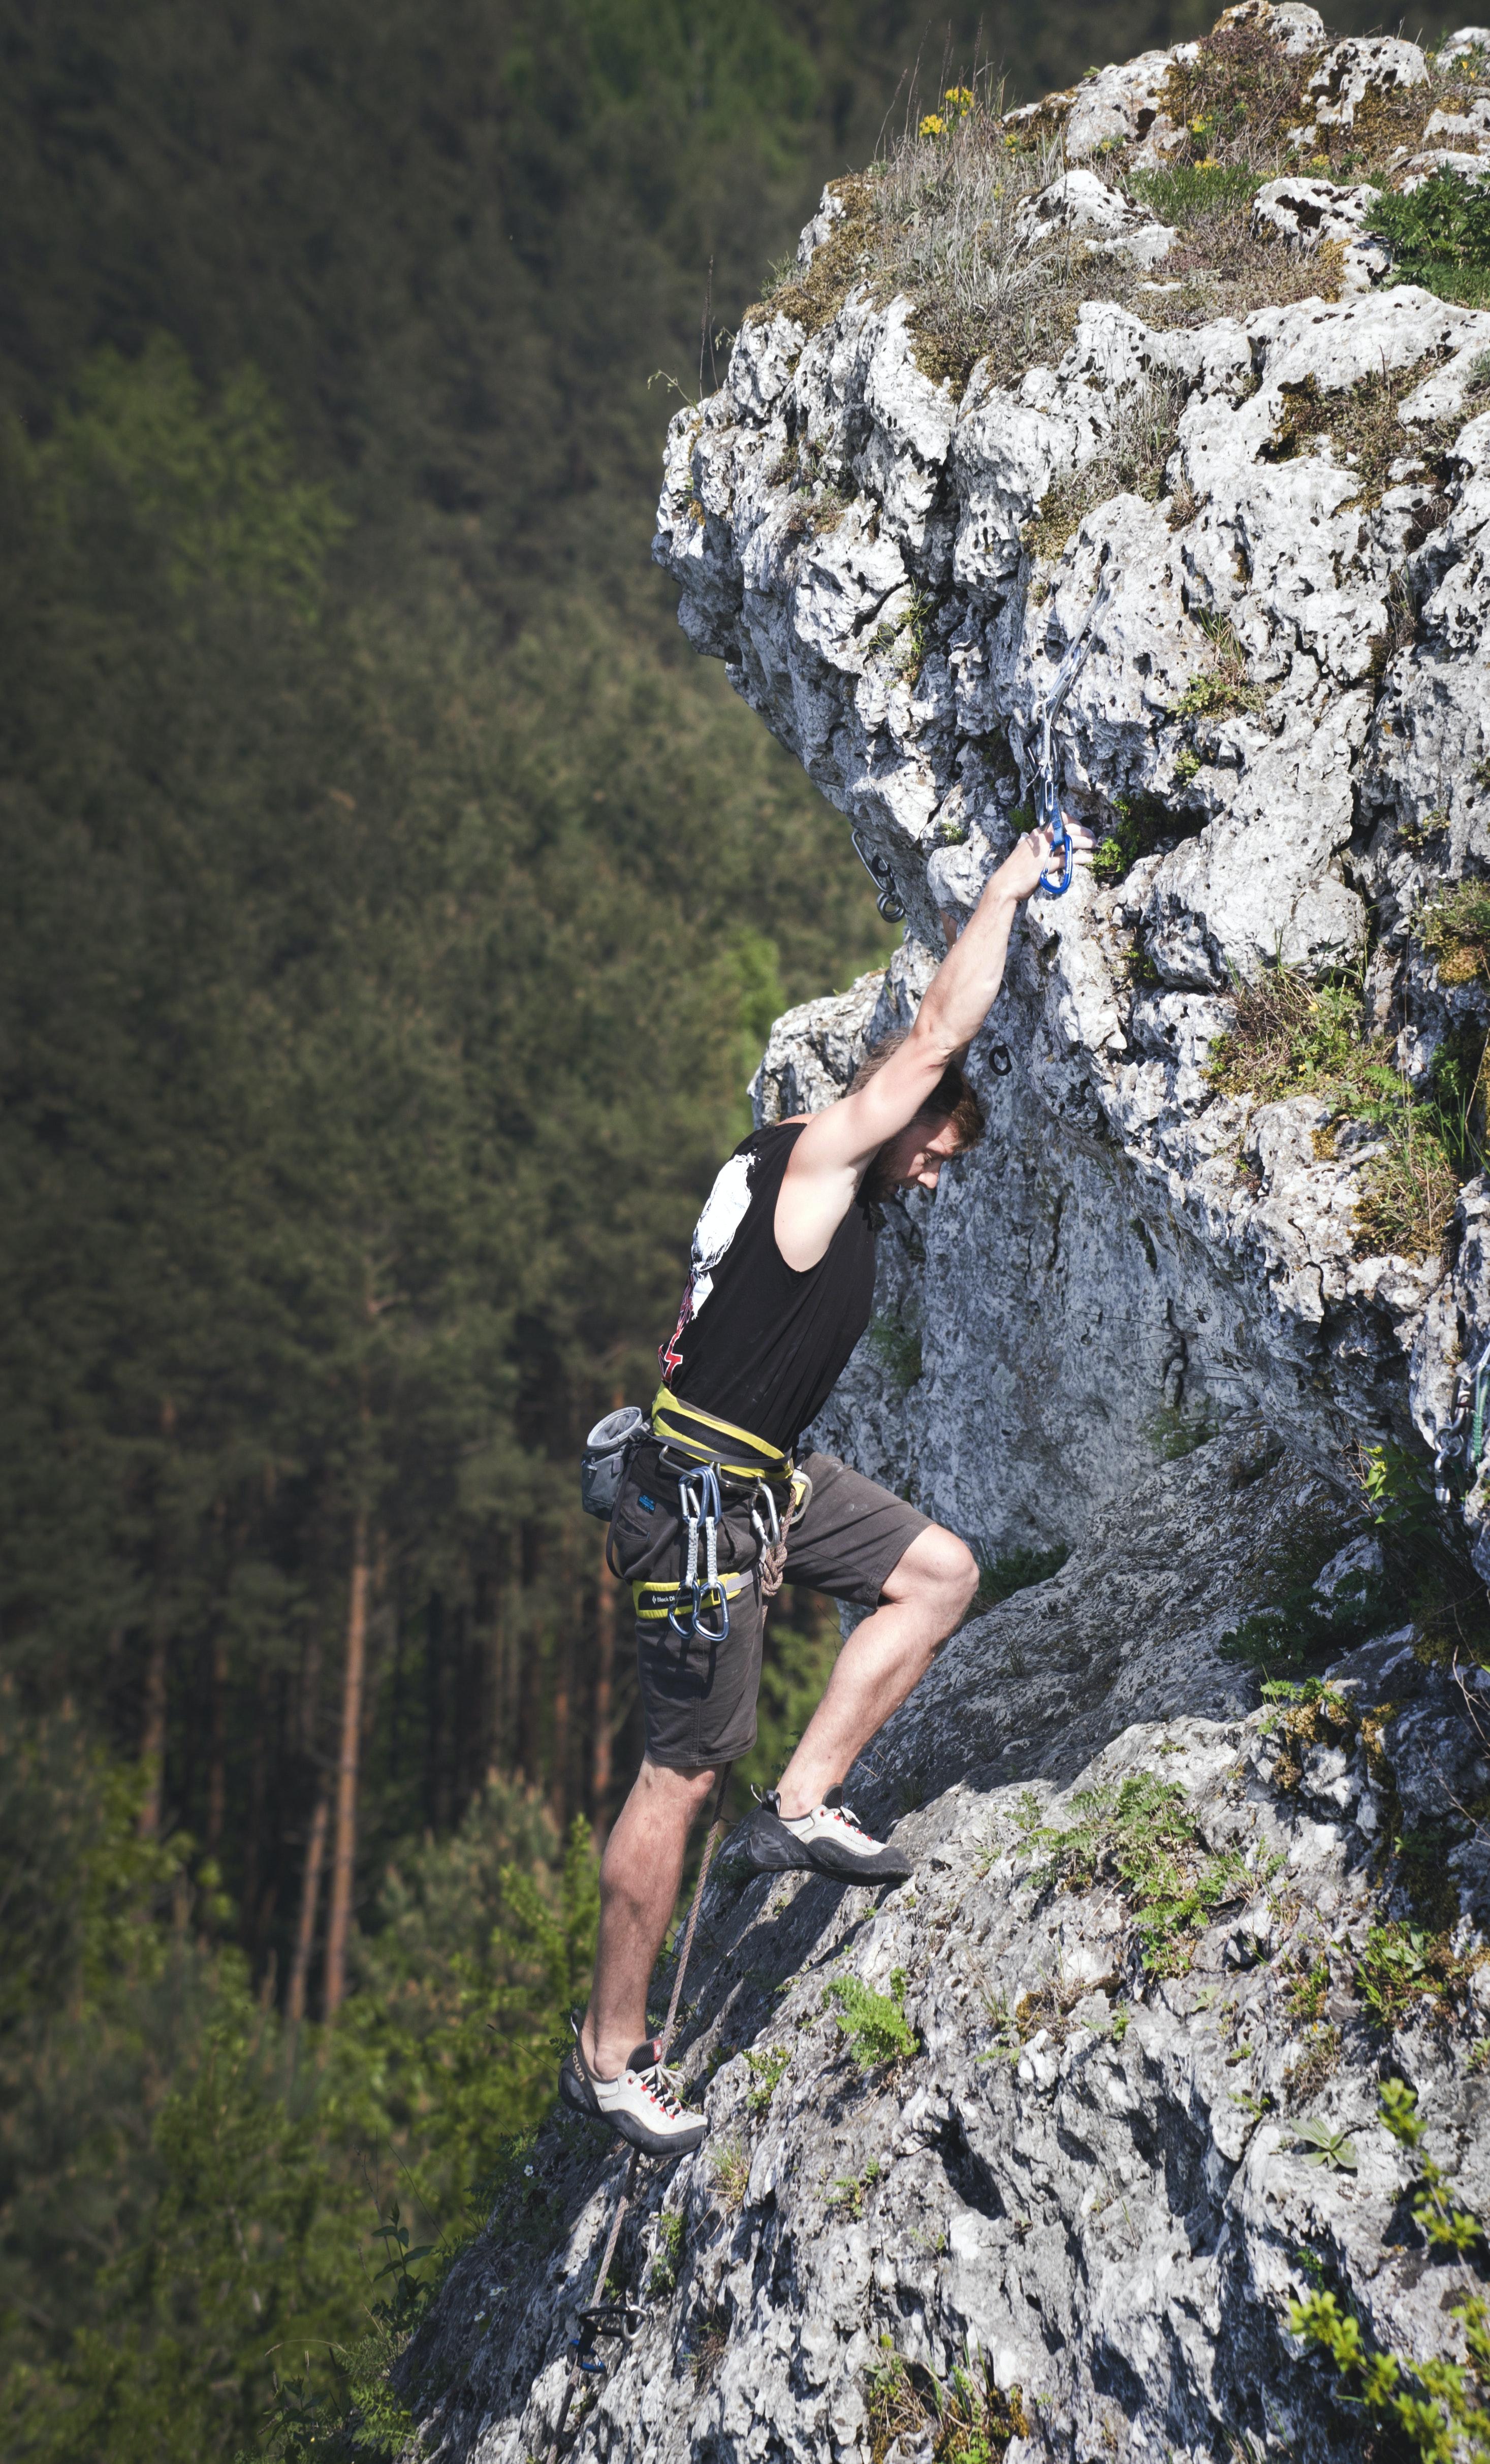 1000 amazing rock climbing photos · pexels · free stock photos